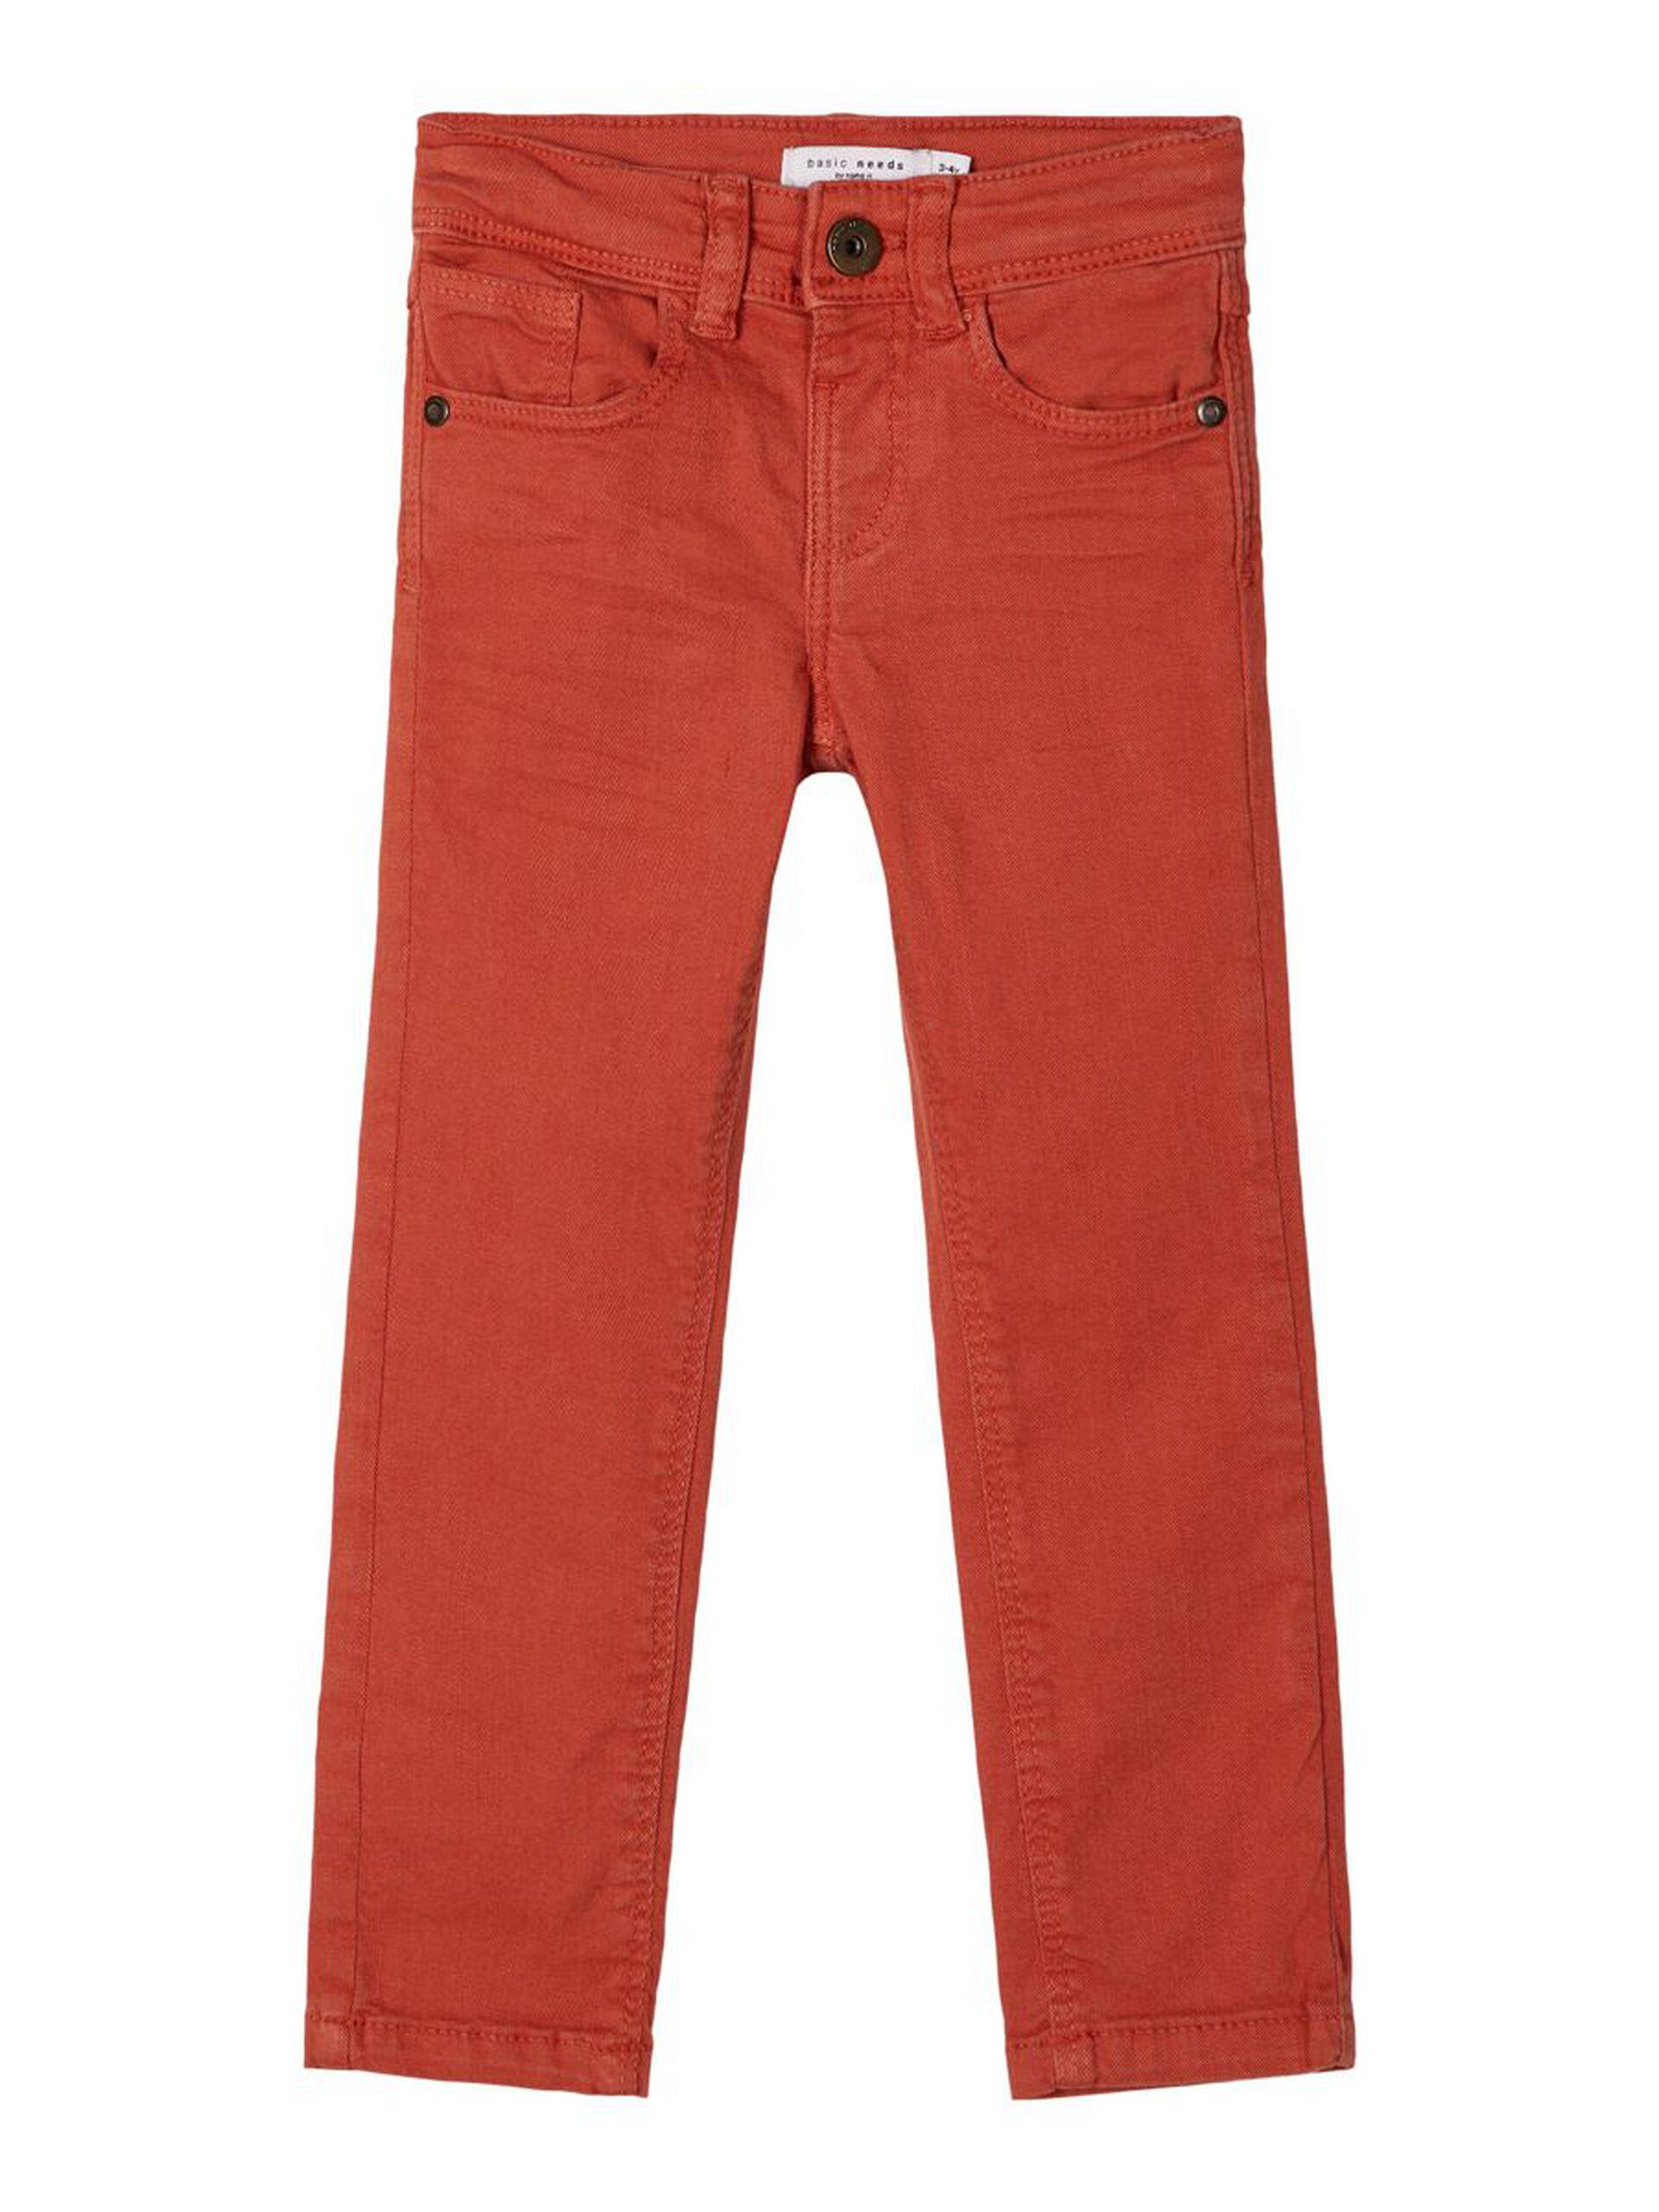 Rød bukse til gutt